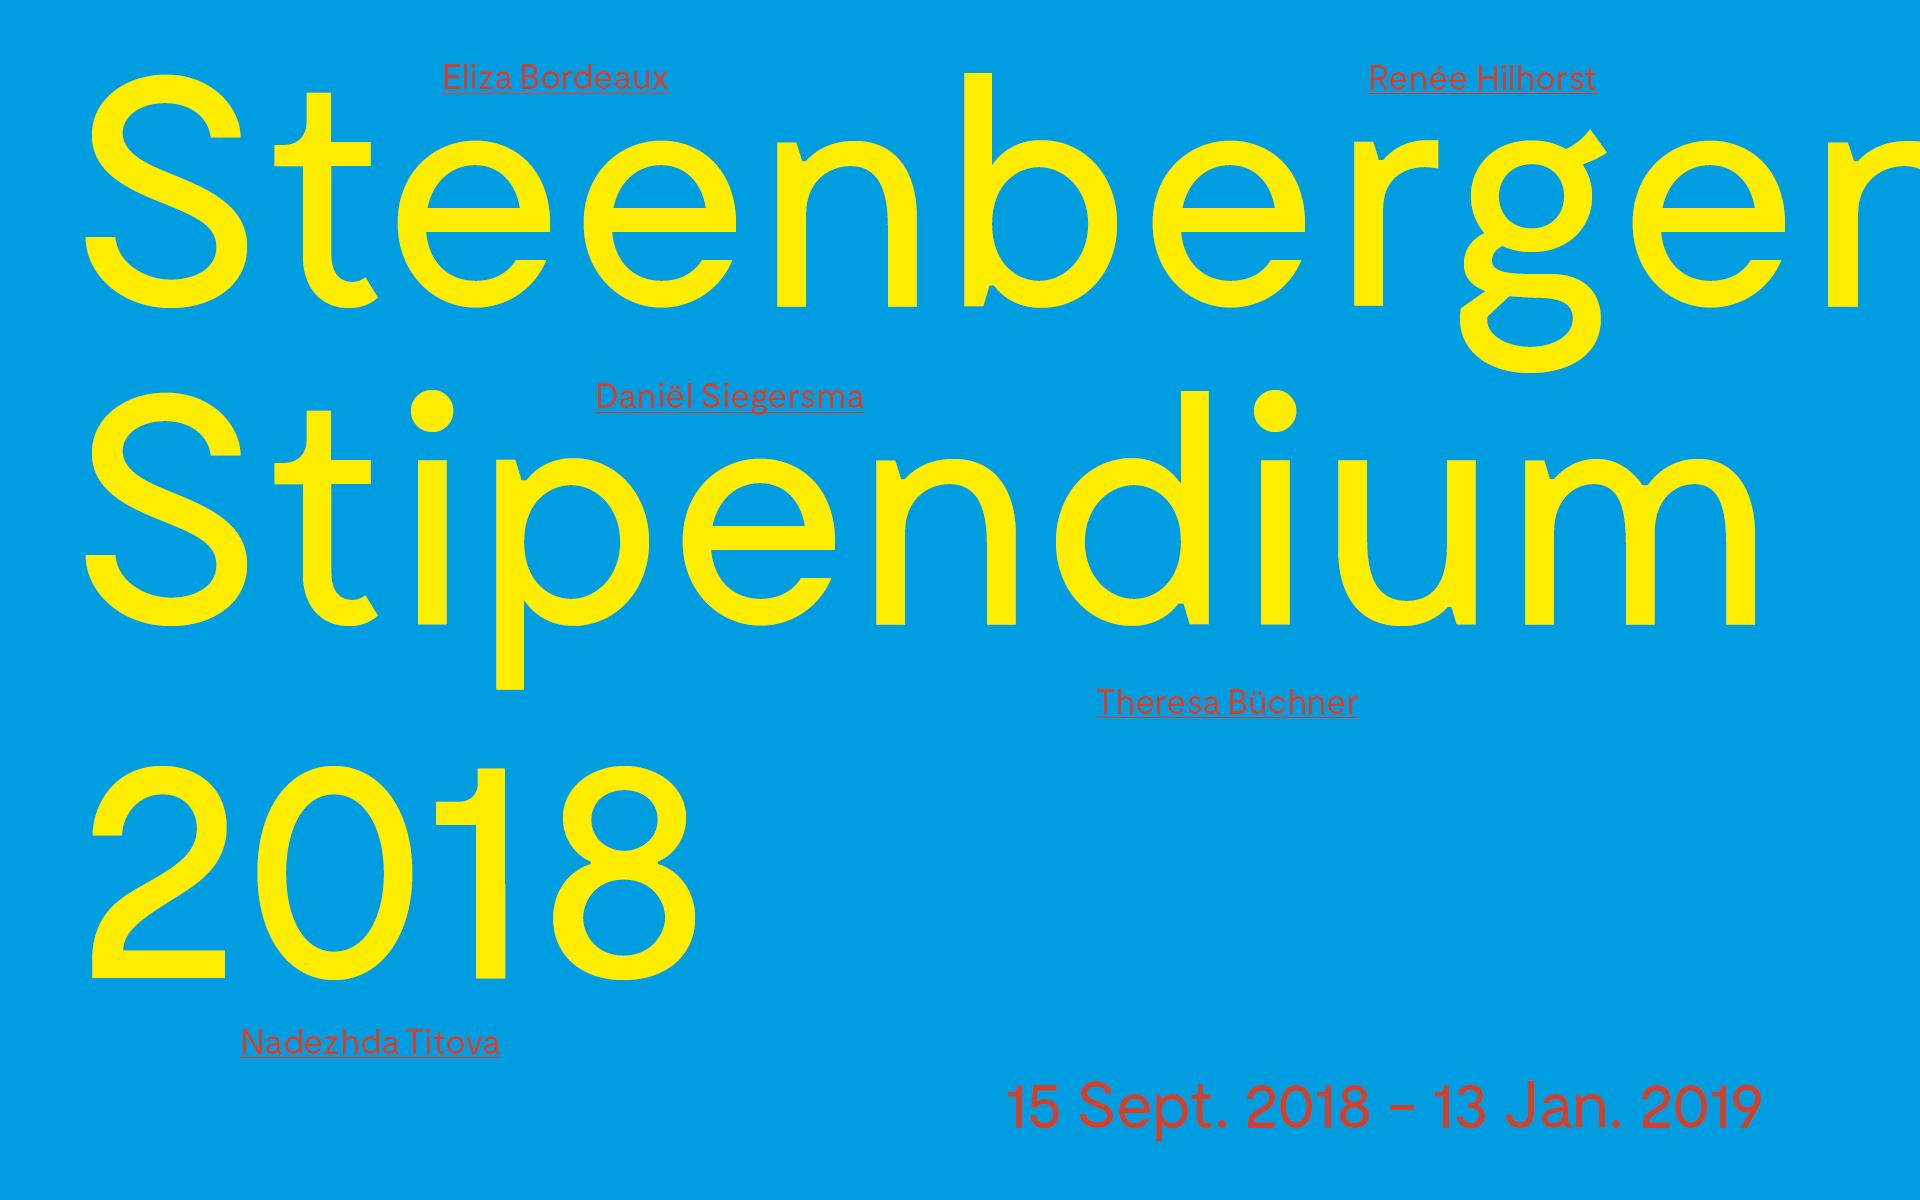 steenbergen-stipendium-2018-en